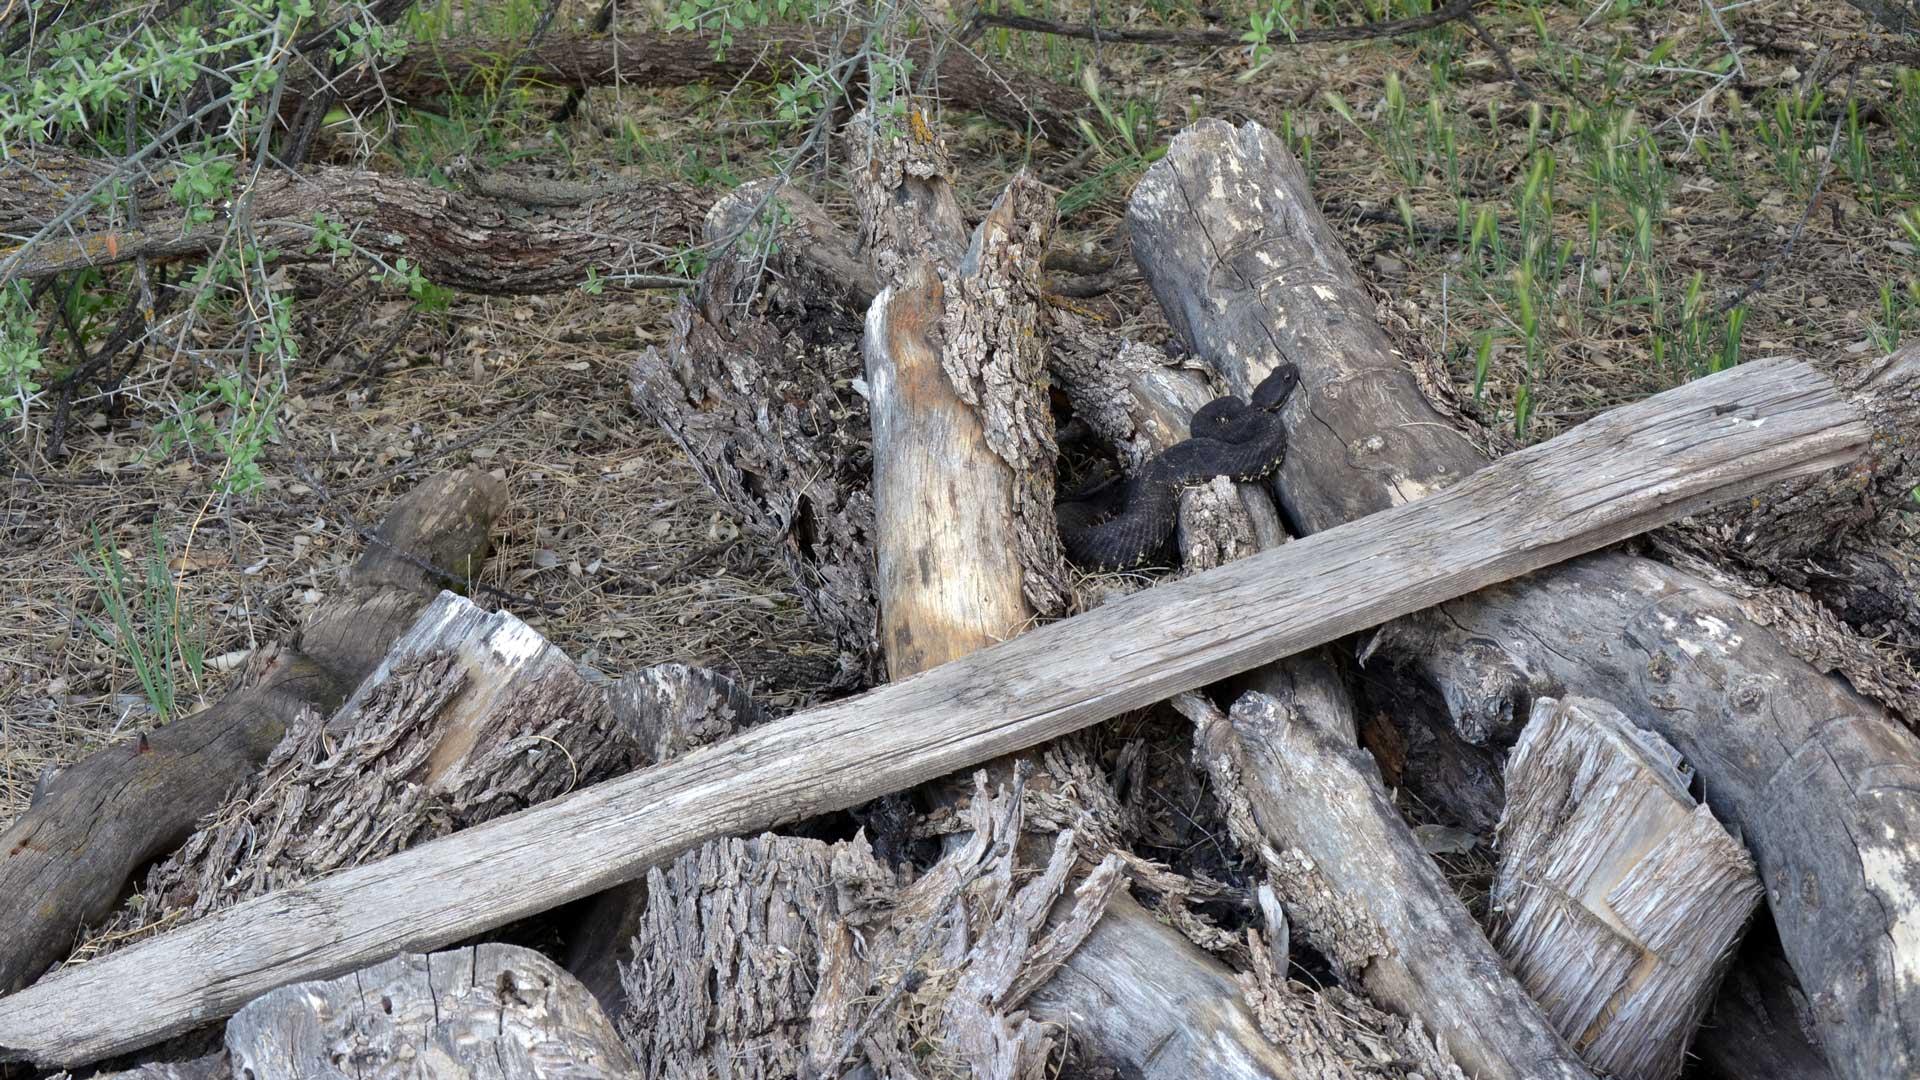 Arizona black rattlesnake on woodpile